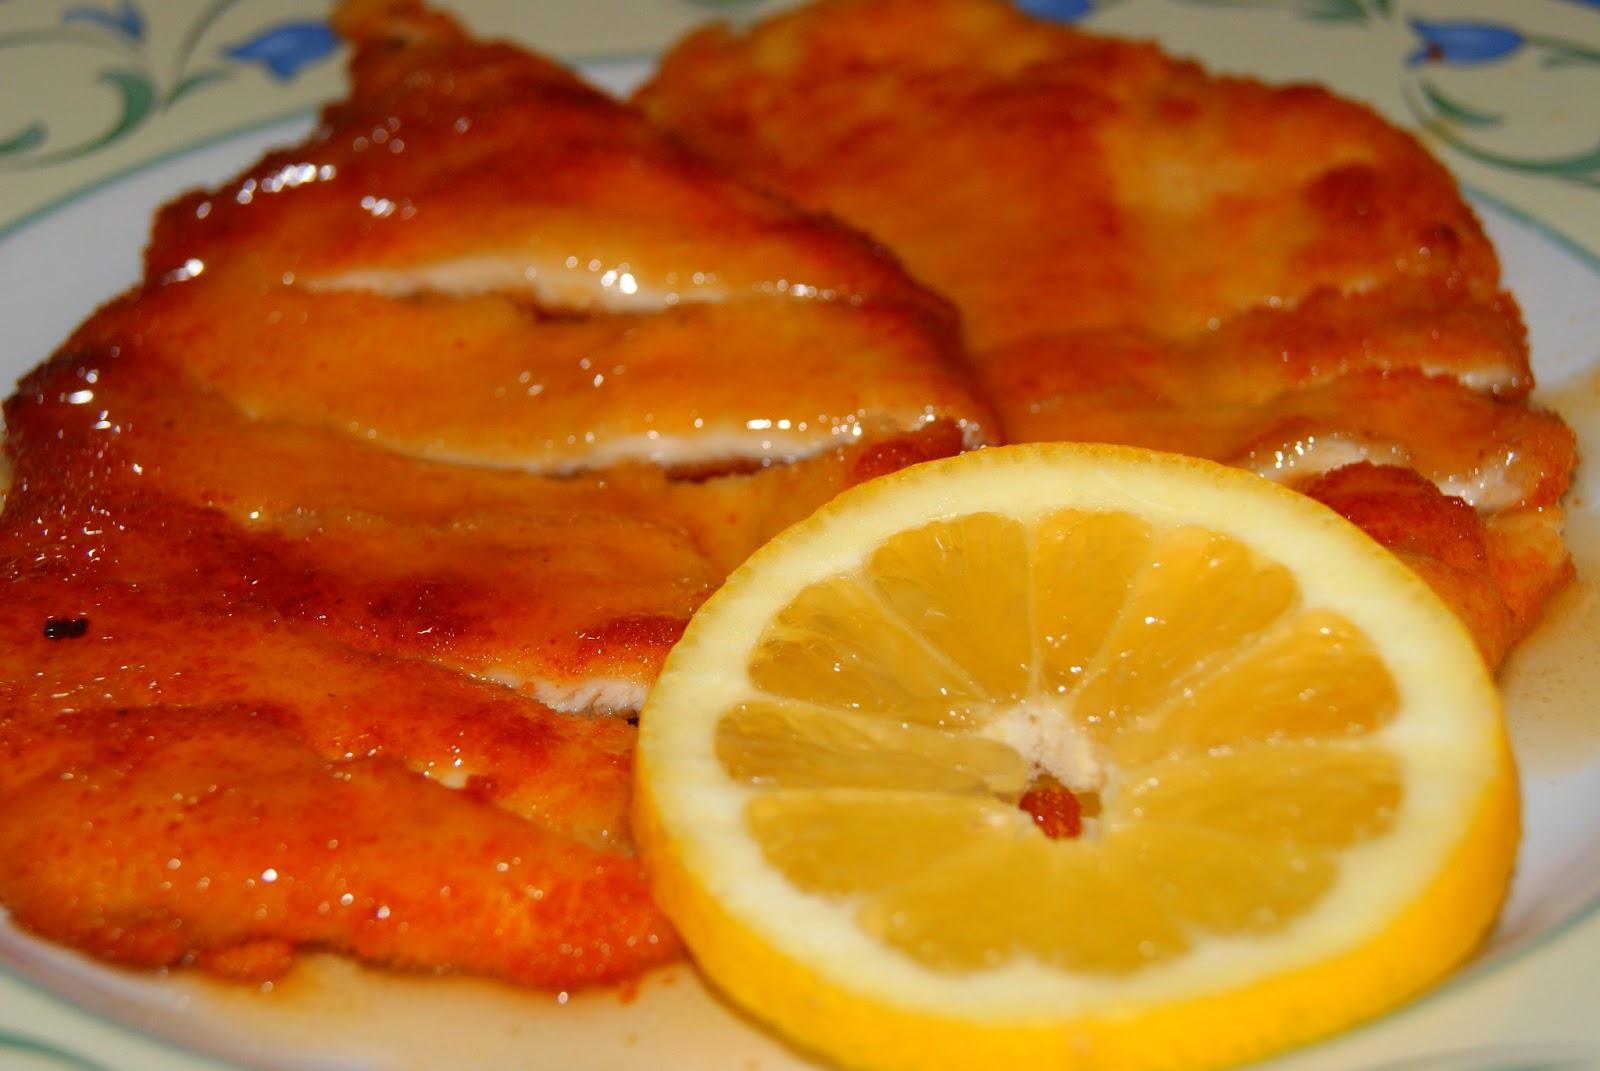 Filetes de pechuga de pollo al limon receta china El G de Sasa